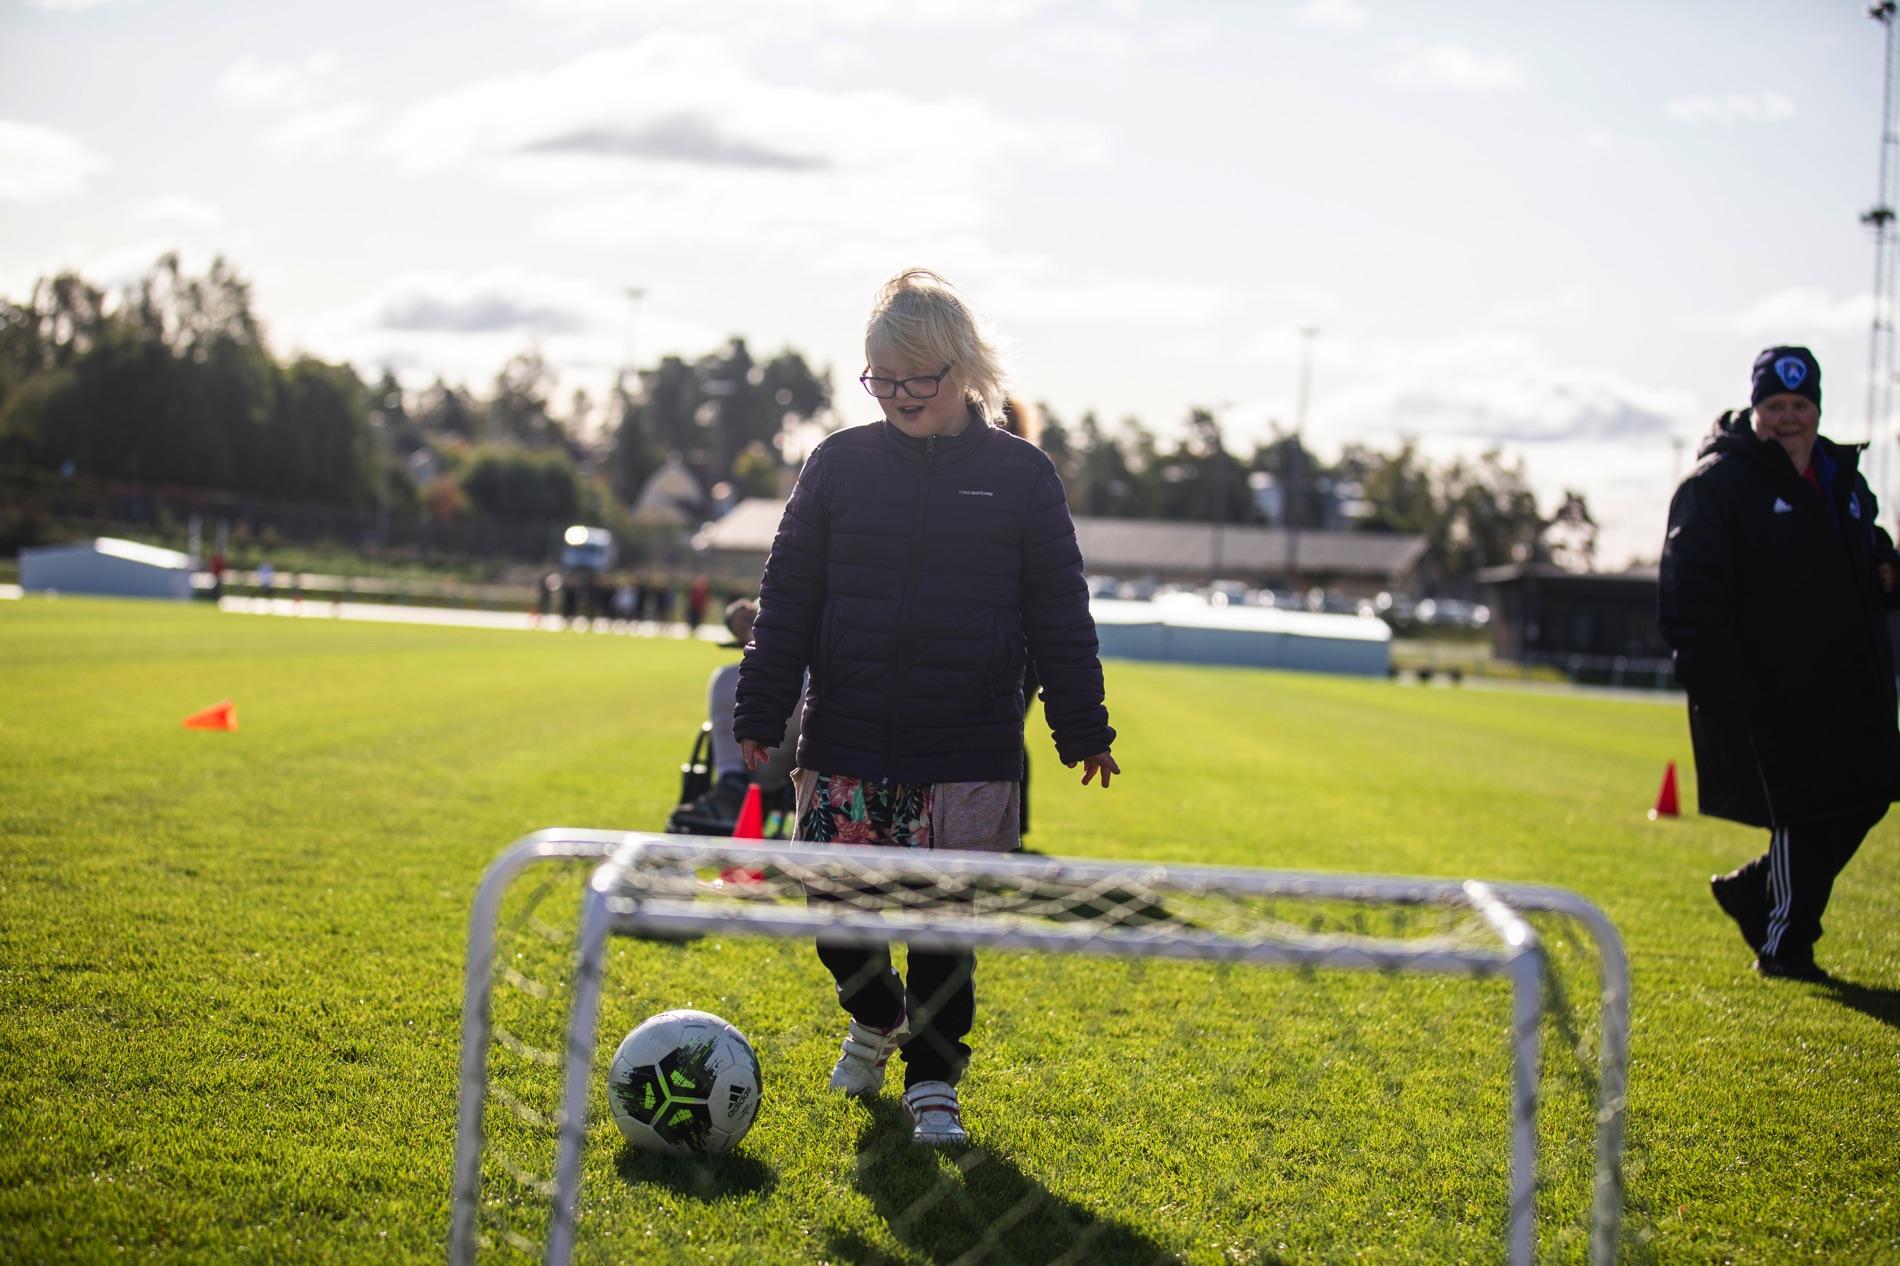 Fotboll stod bland annat på schemat på Special Olympics School Day i Södertälje.